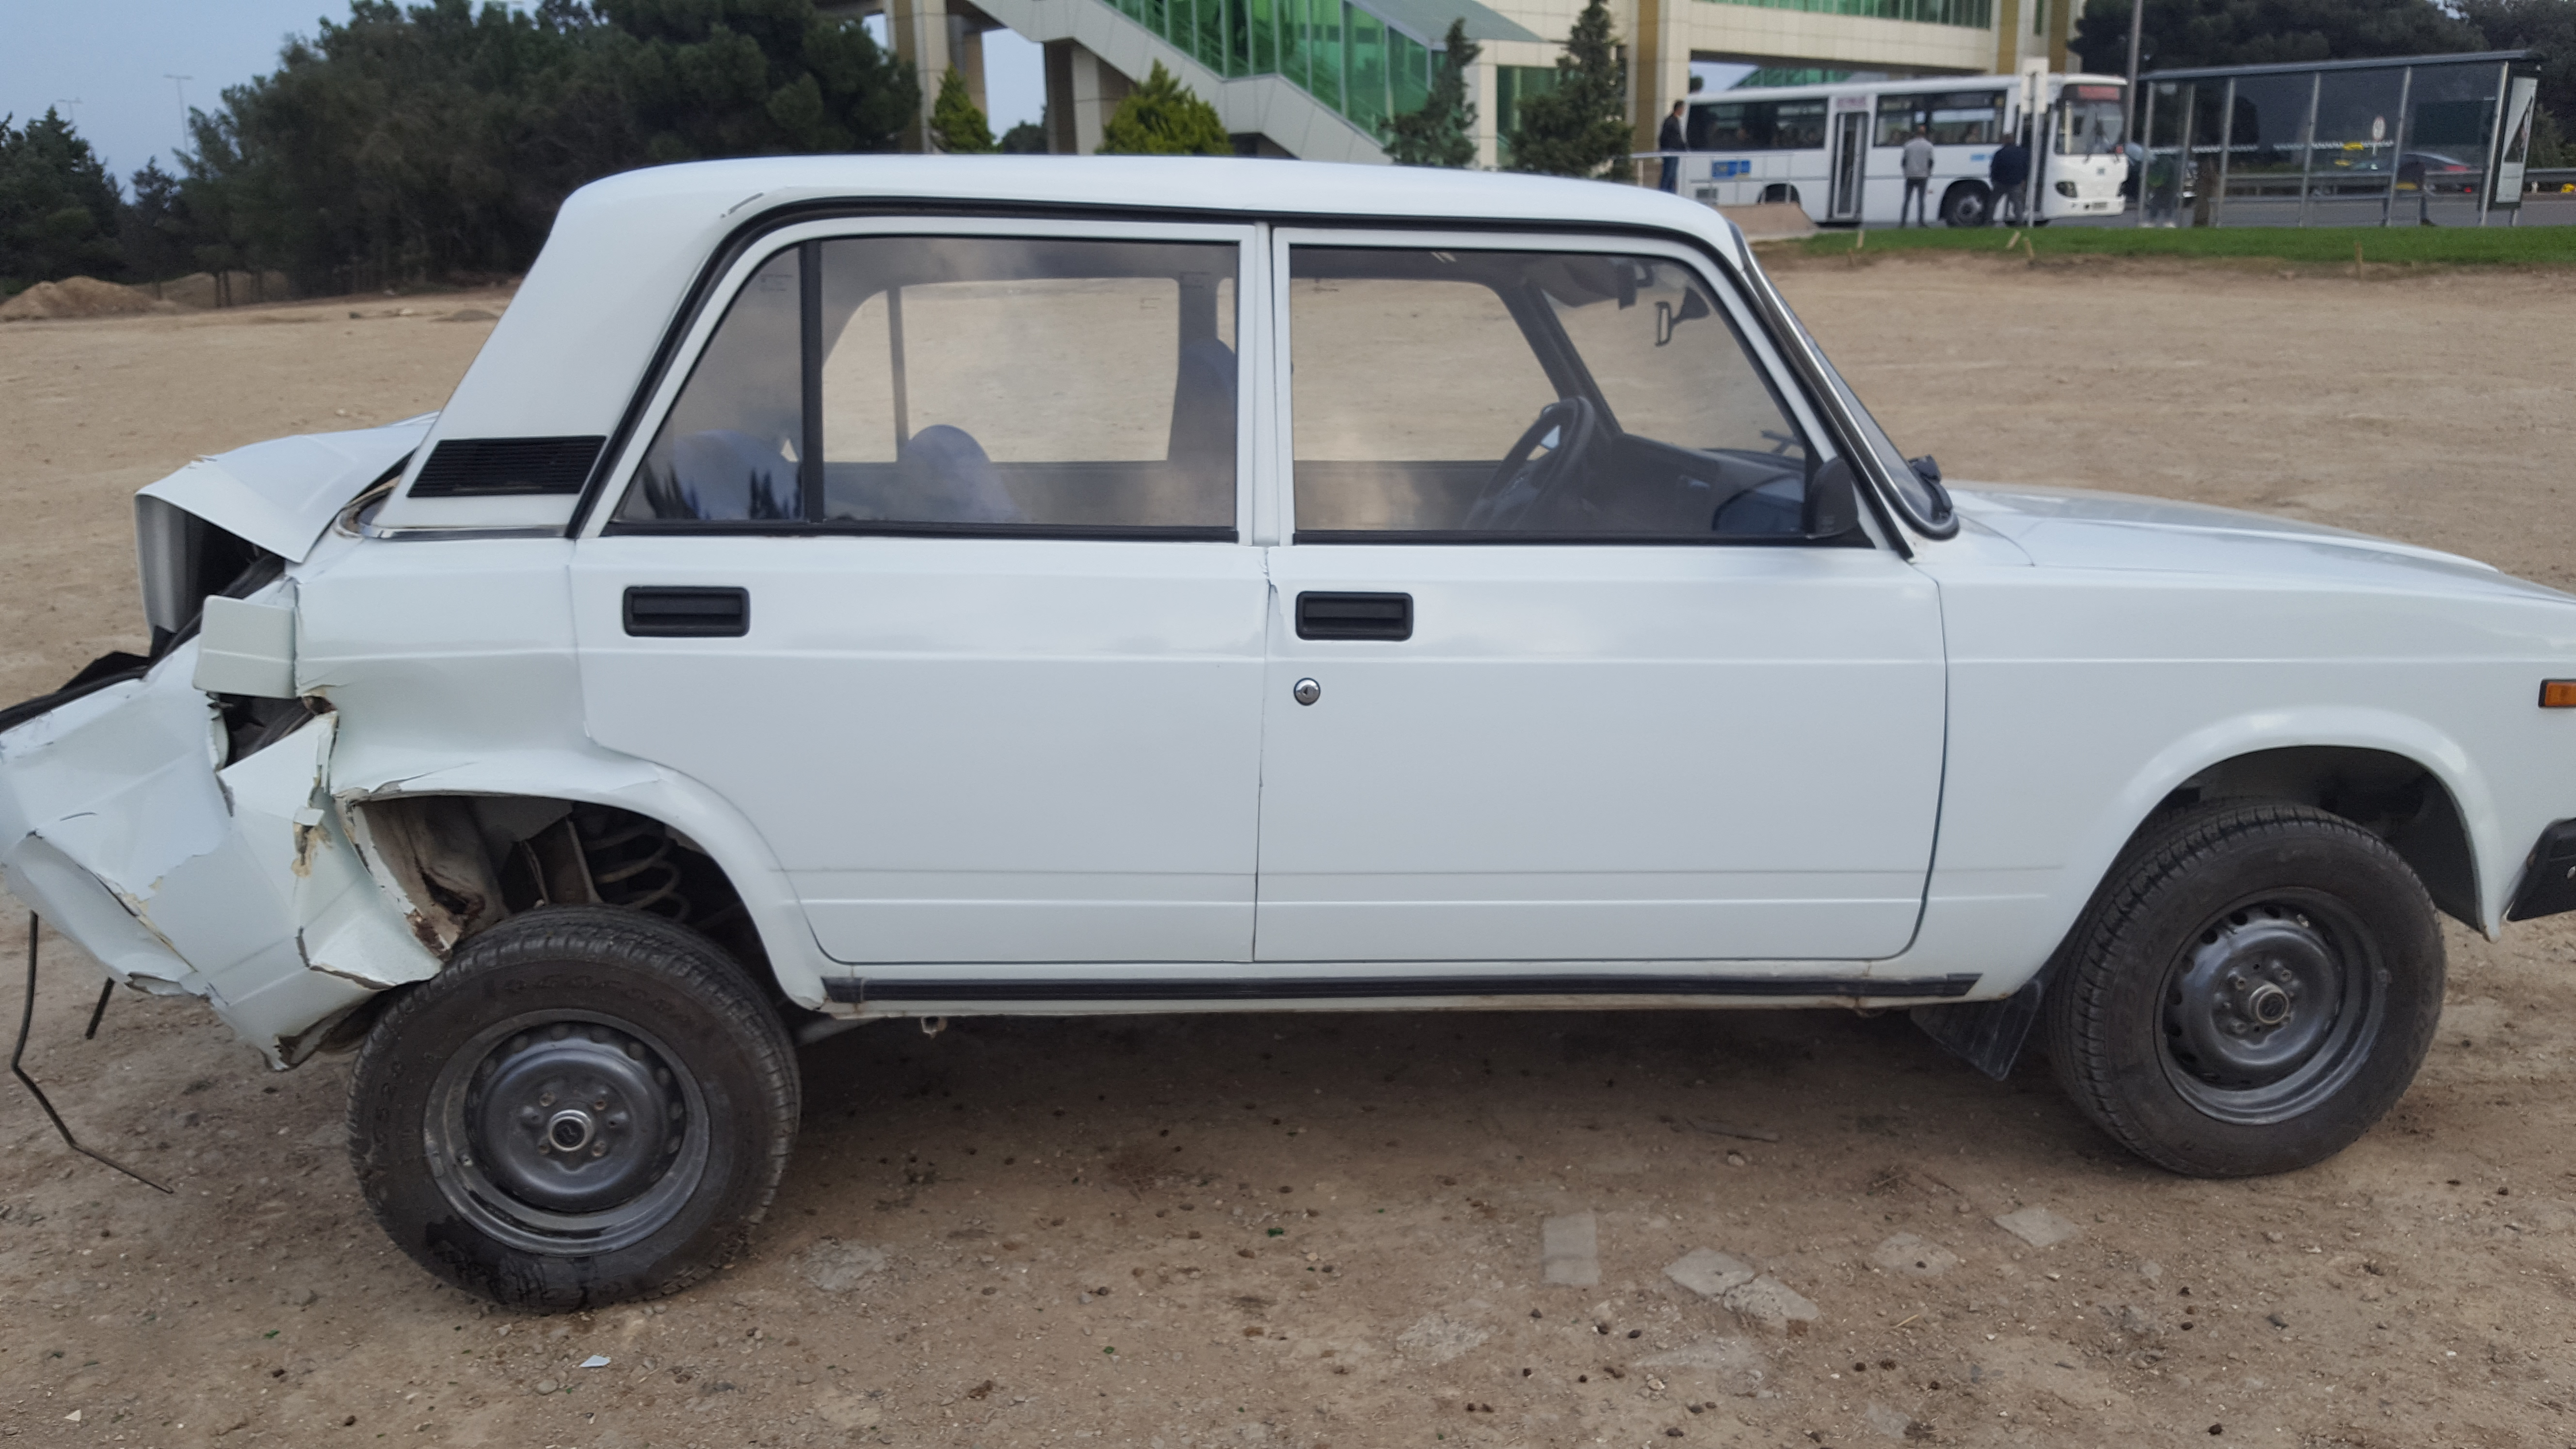 Vaz 2107 Urgent Sale Second Hand 2009 5000 Gasoline Transmission Mechanics 99000 Baku Elshan 0708299151 25 10 2019